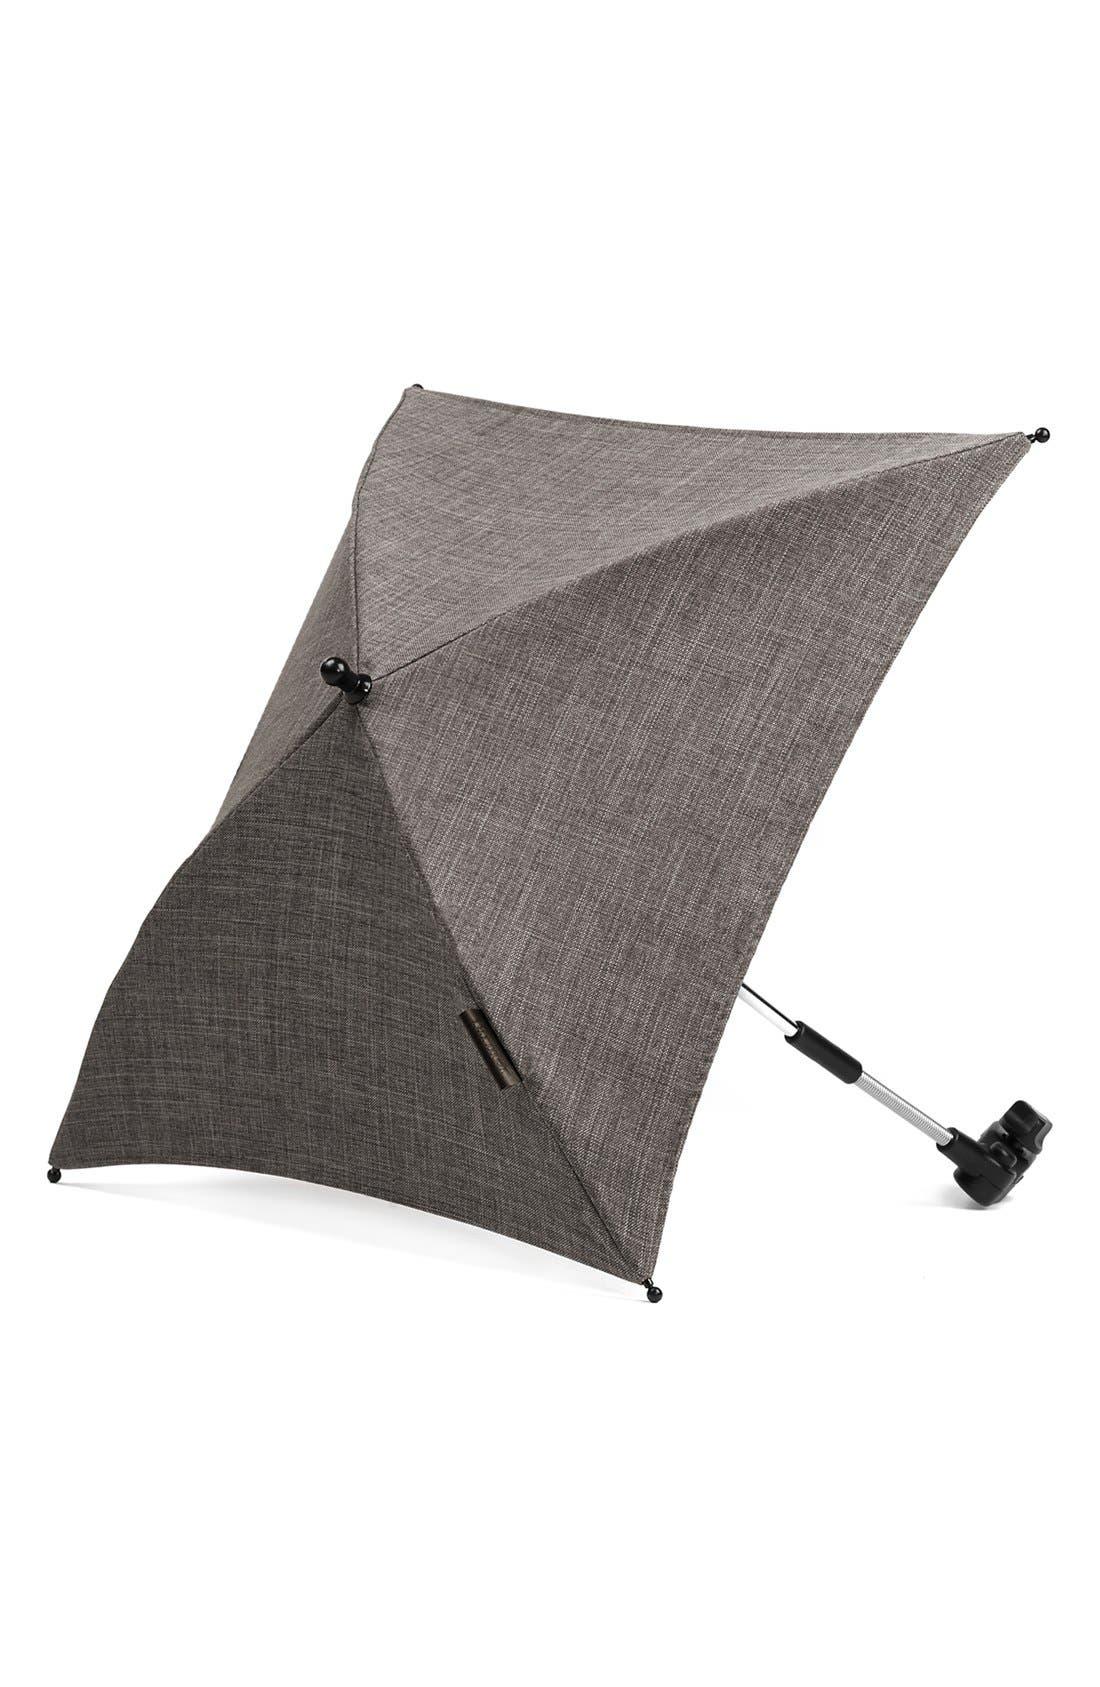 Alternate Image 1 Selected - Mutsy 'Evo - Famer Earth' Stroller Umbrella